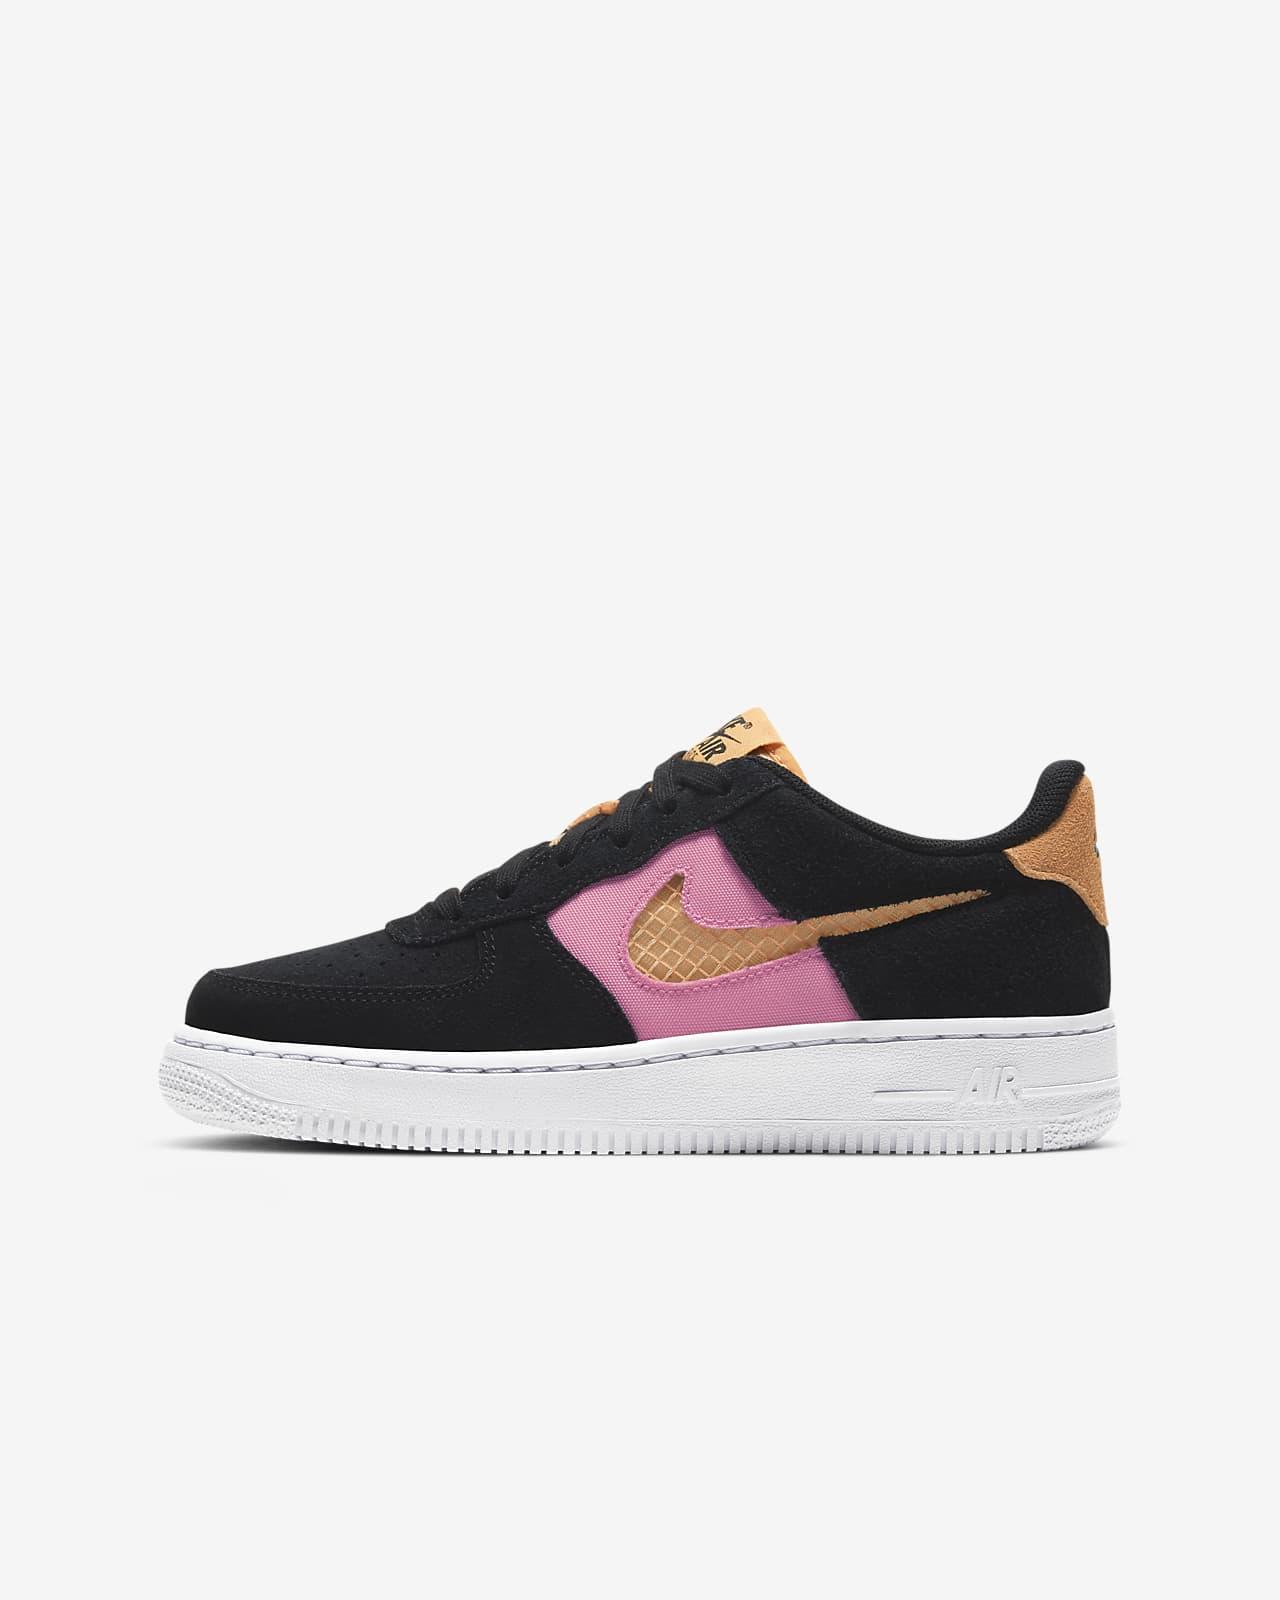 Chaussure Nike Air Force 1 LV8 pour Enfant plus âgé